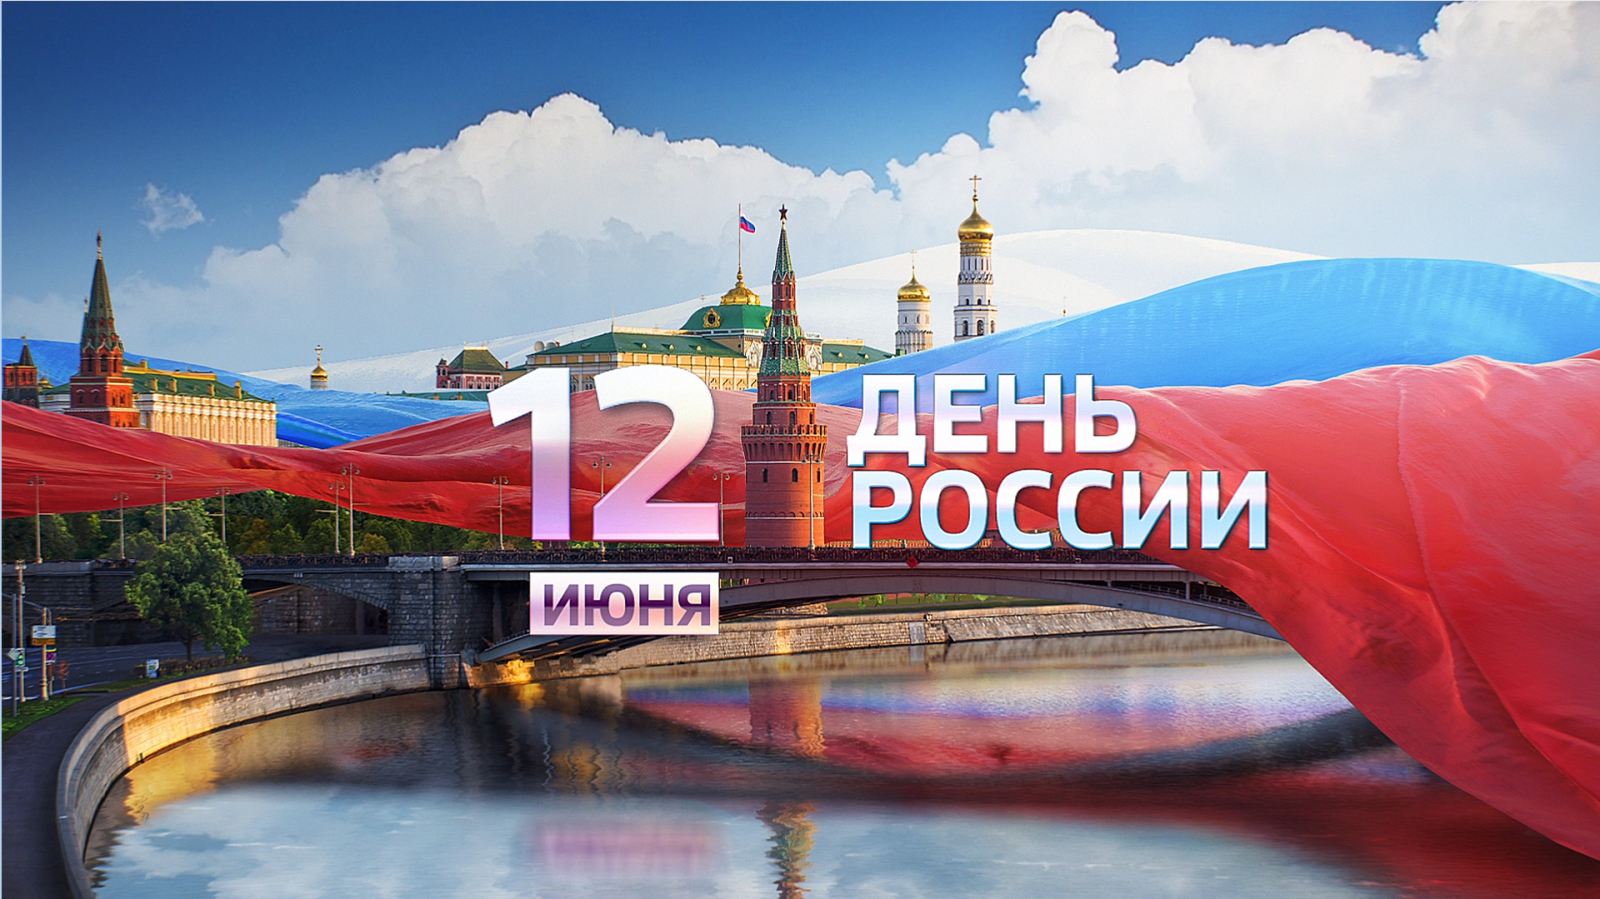 Паралимпийский комитет России поздравляет всех с государственным праздником - Днем России